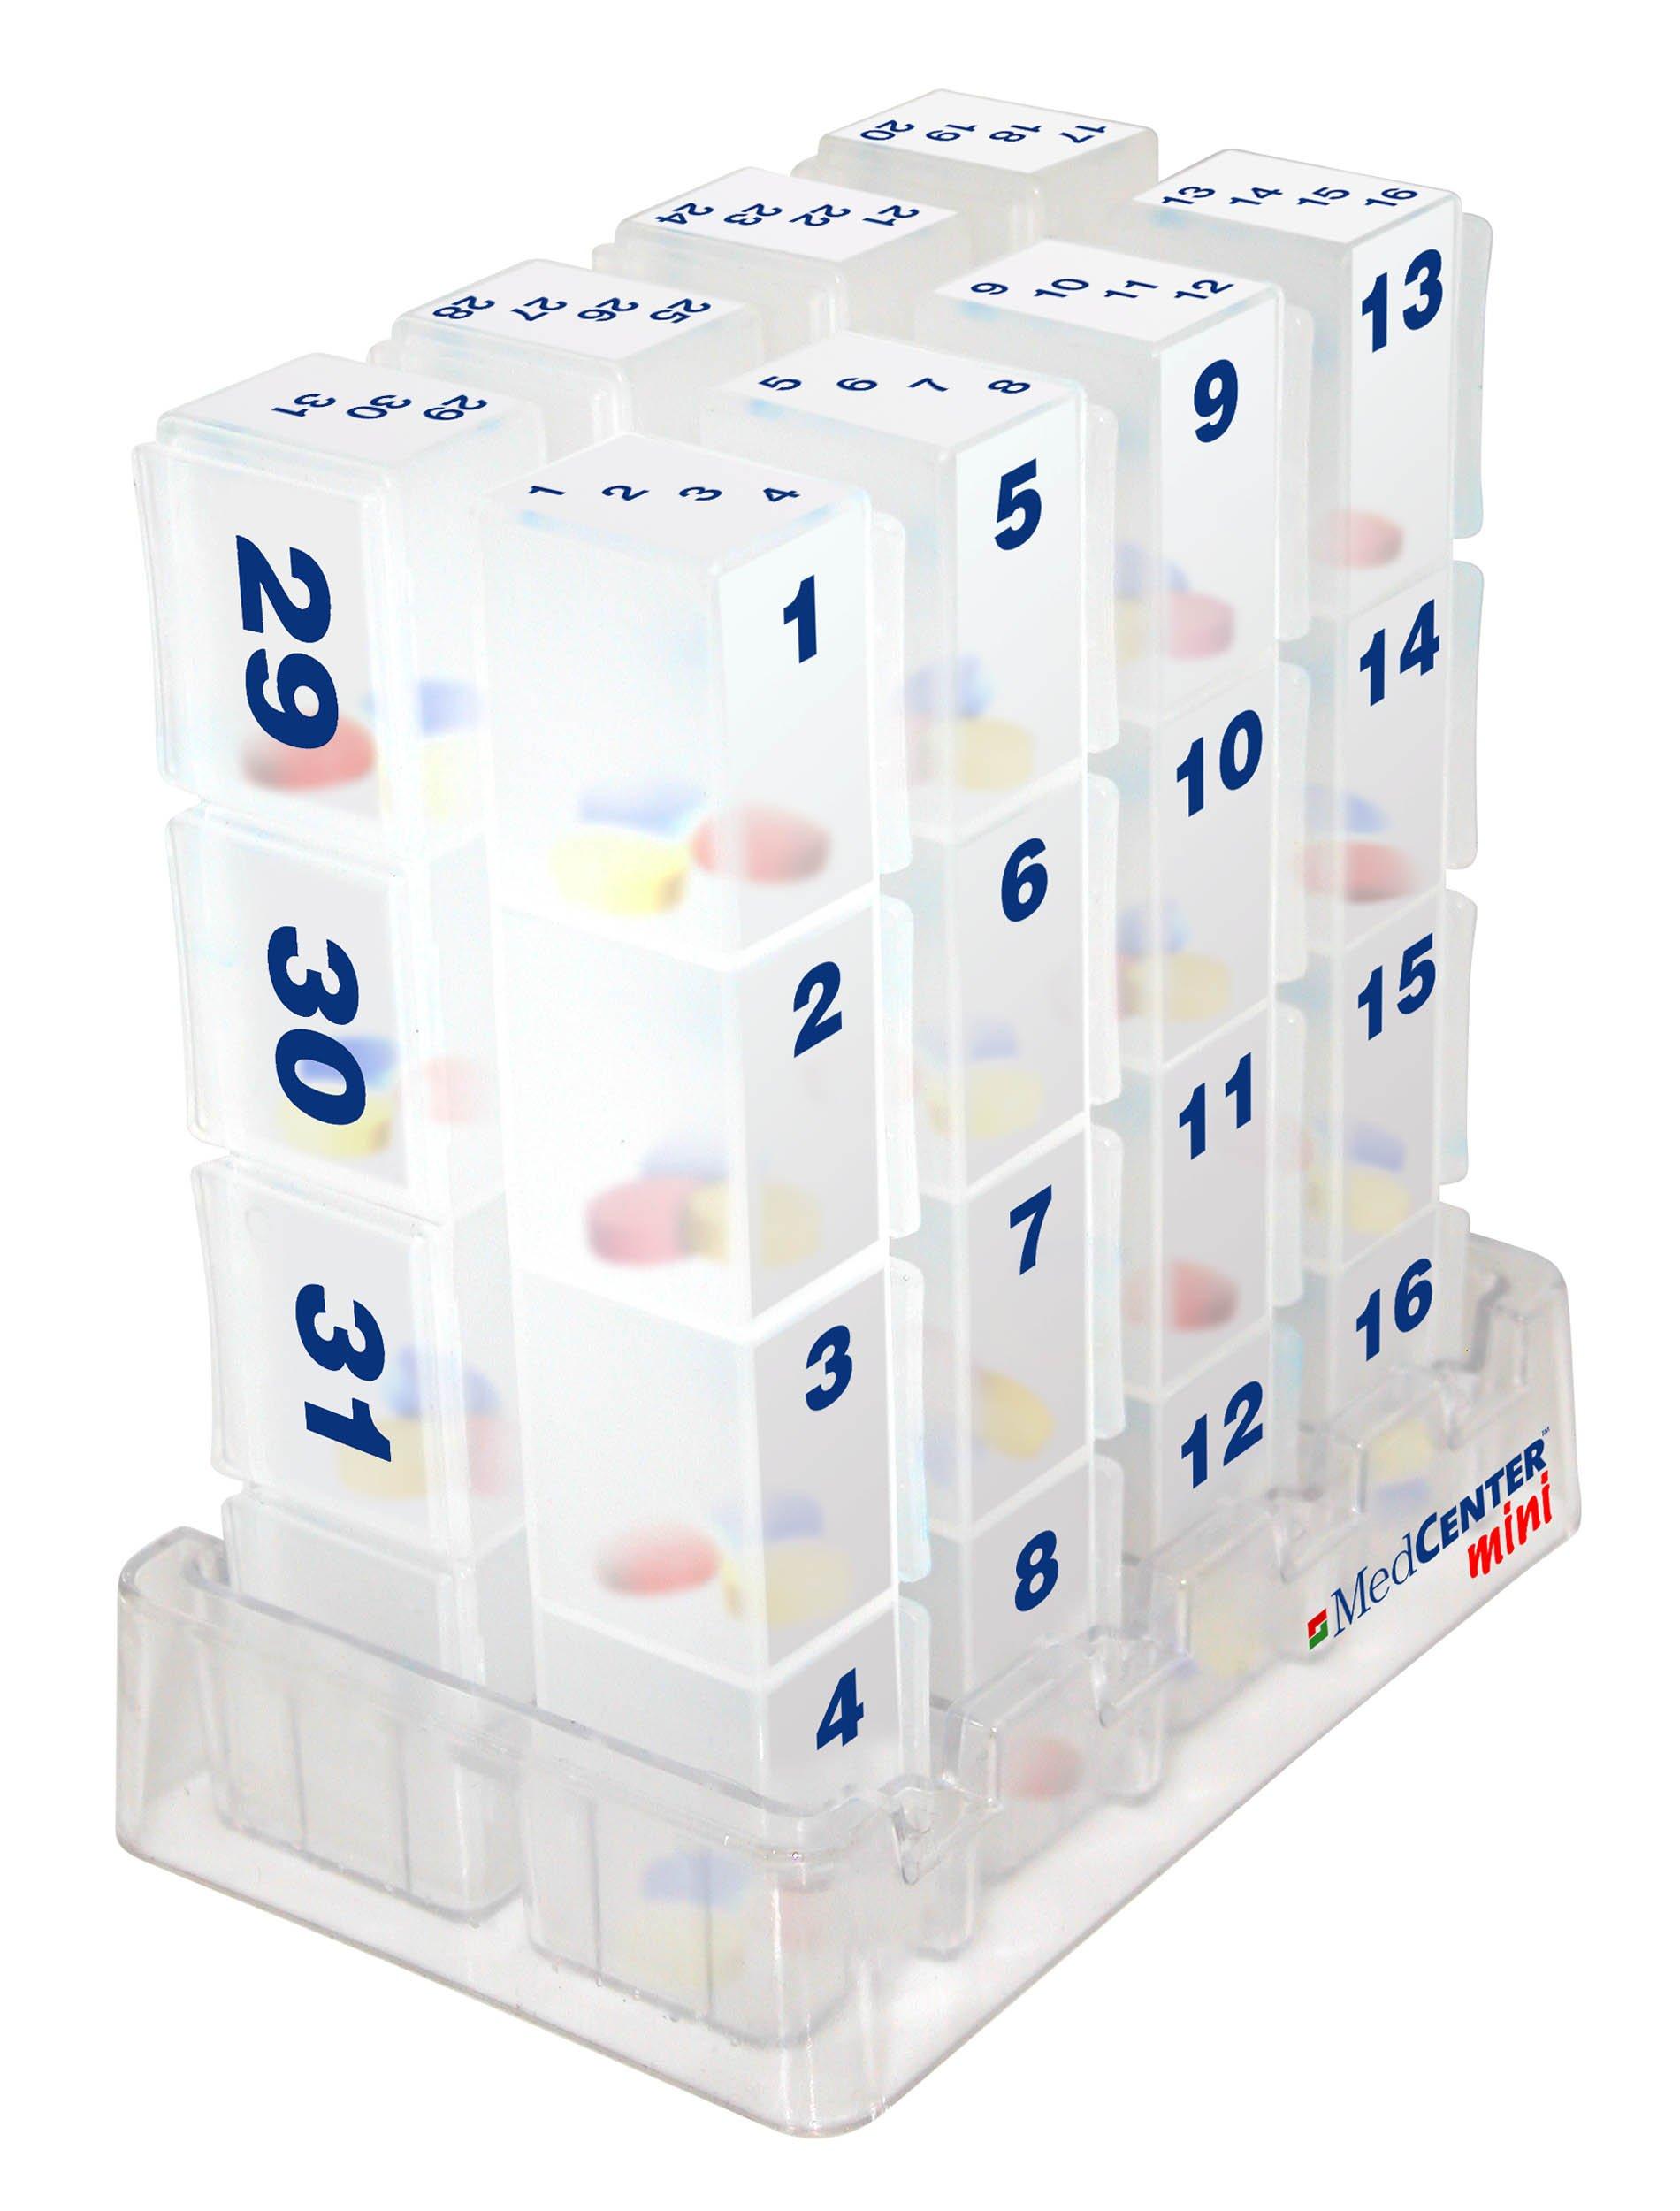 MedCenter 31 Day Mini Pill Organizer